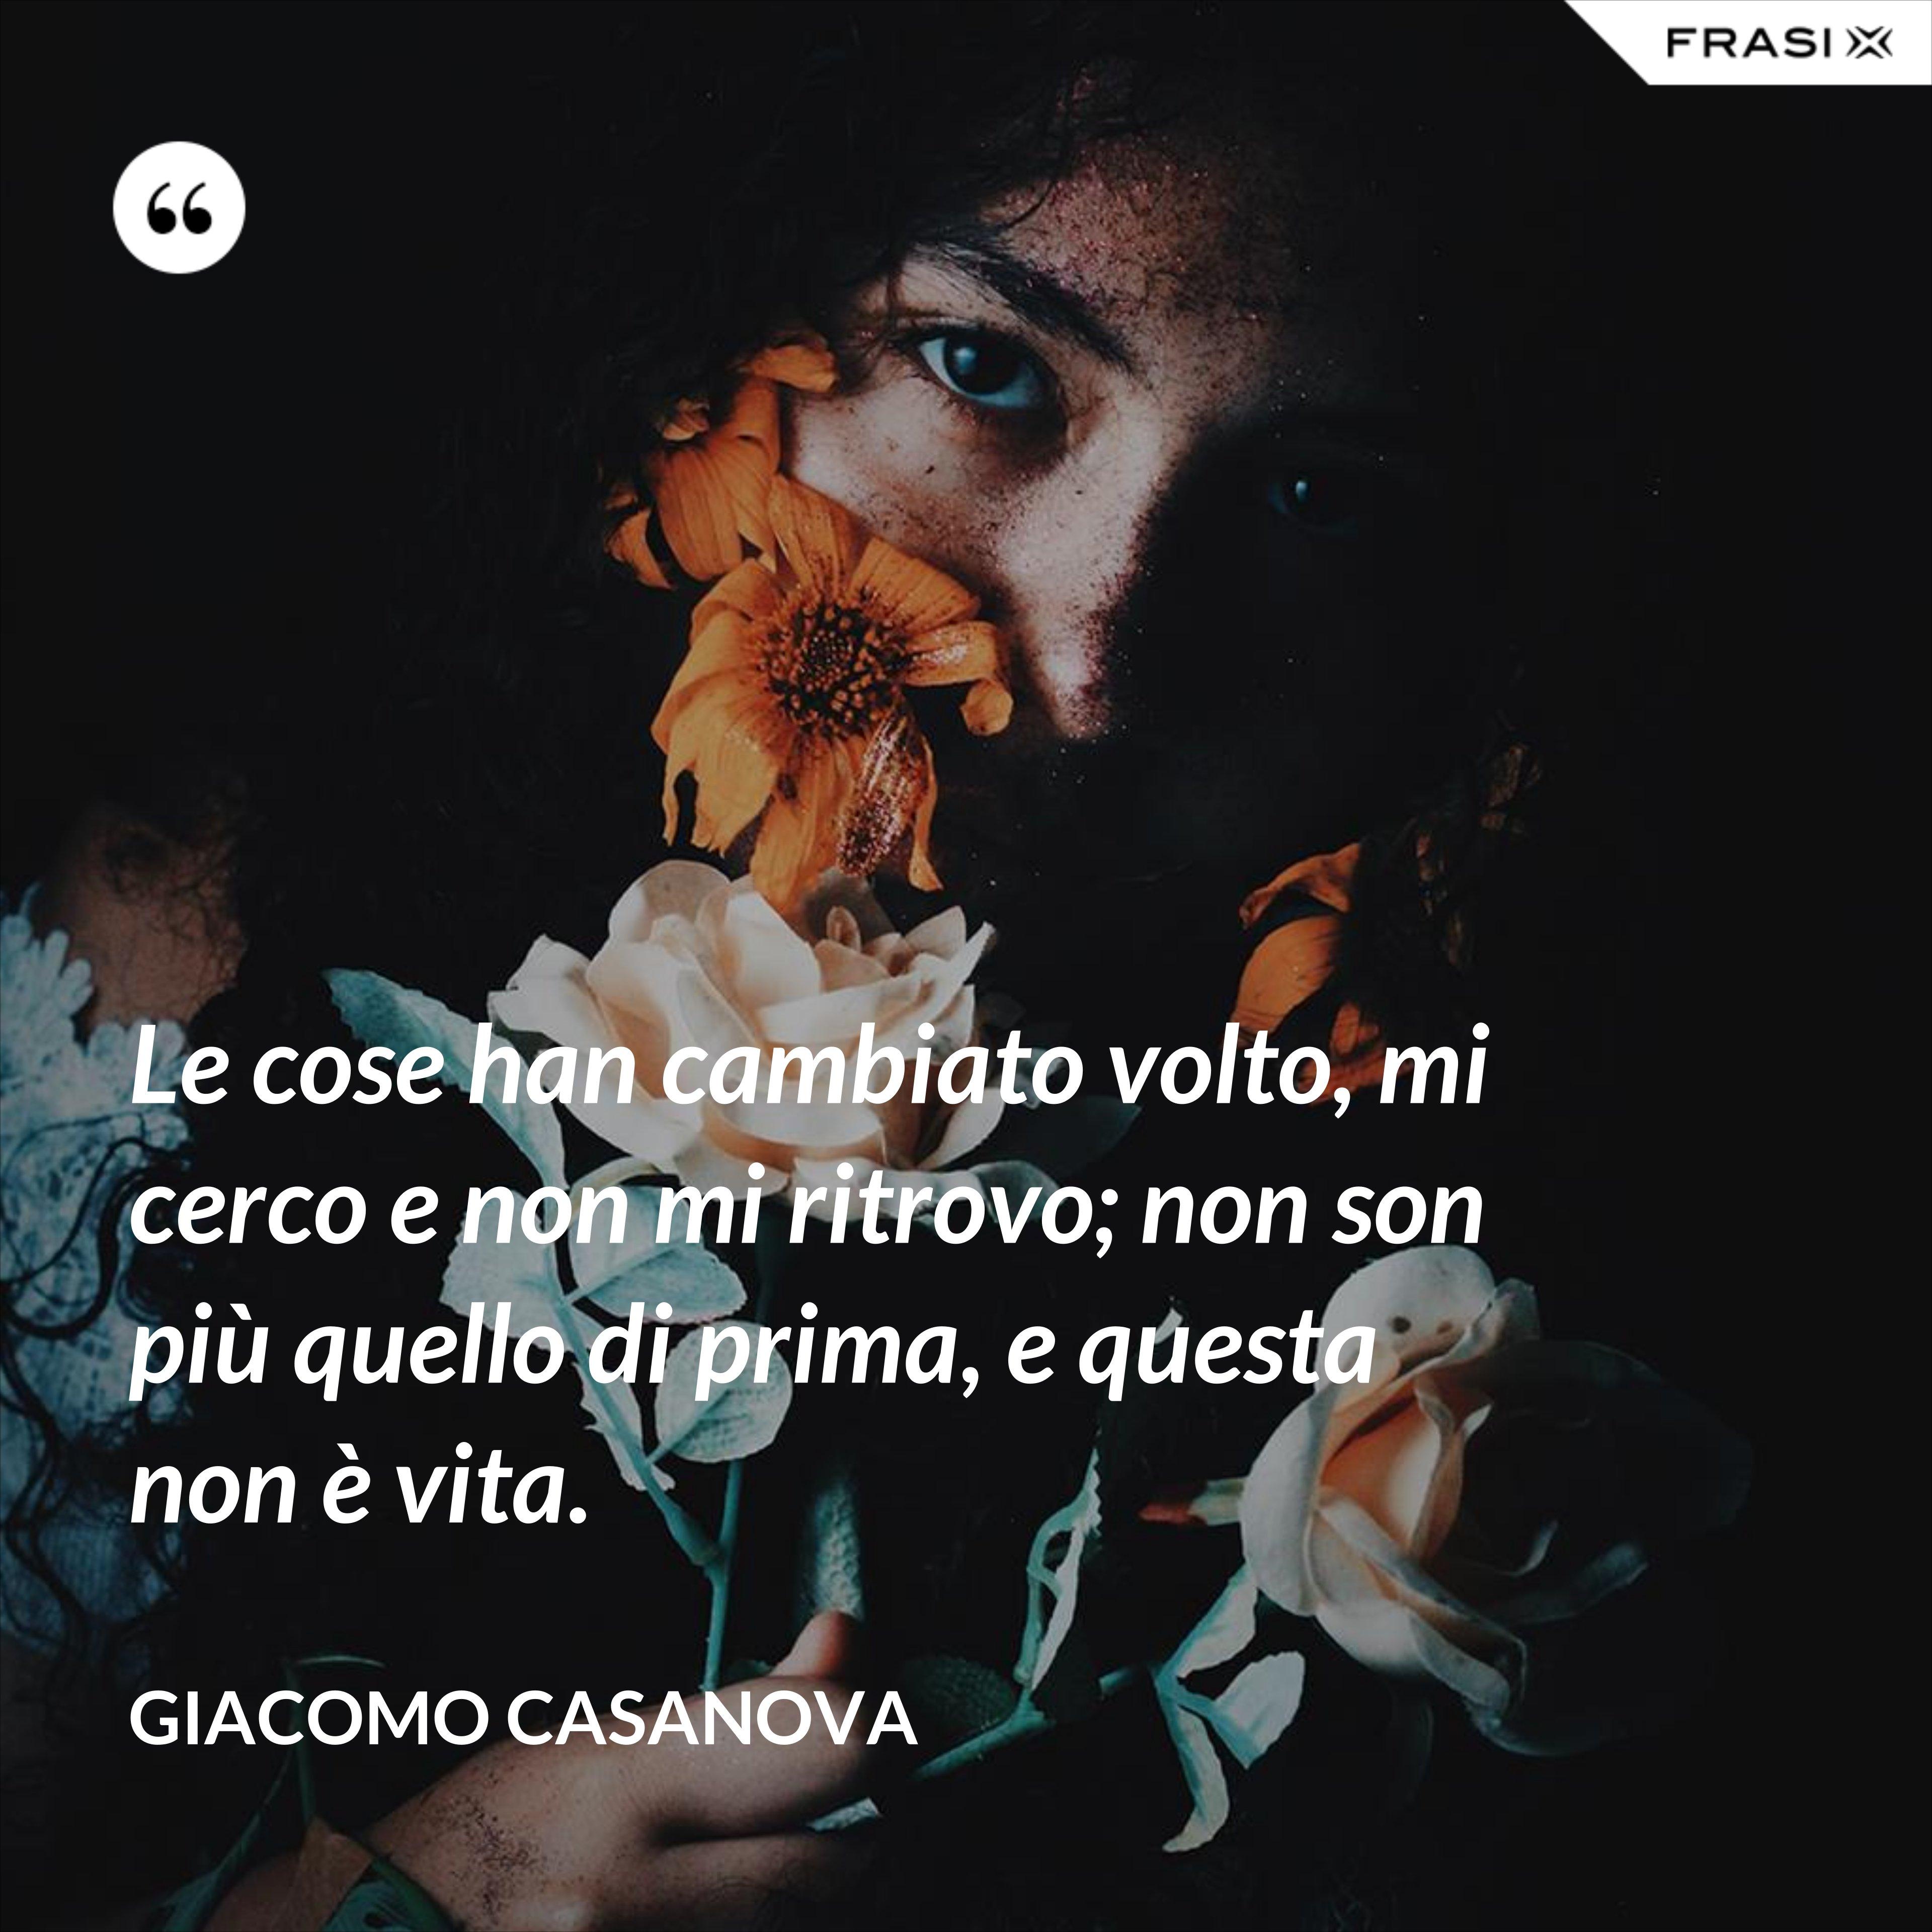 Le cose han cambiato volto, mi cerco e non mi ritrovo; non son più quello di prima, e questa non è vita. - Giacomo Casanova